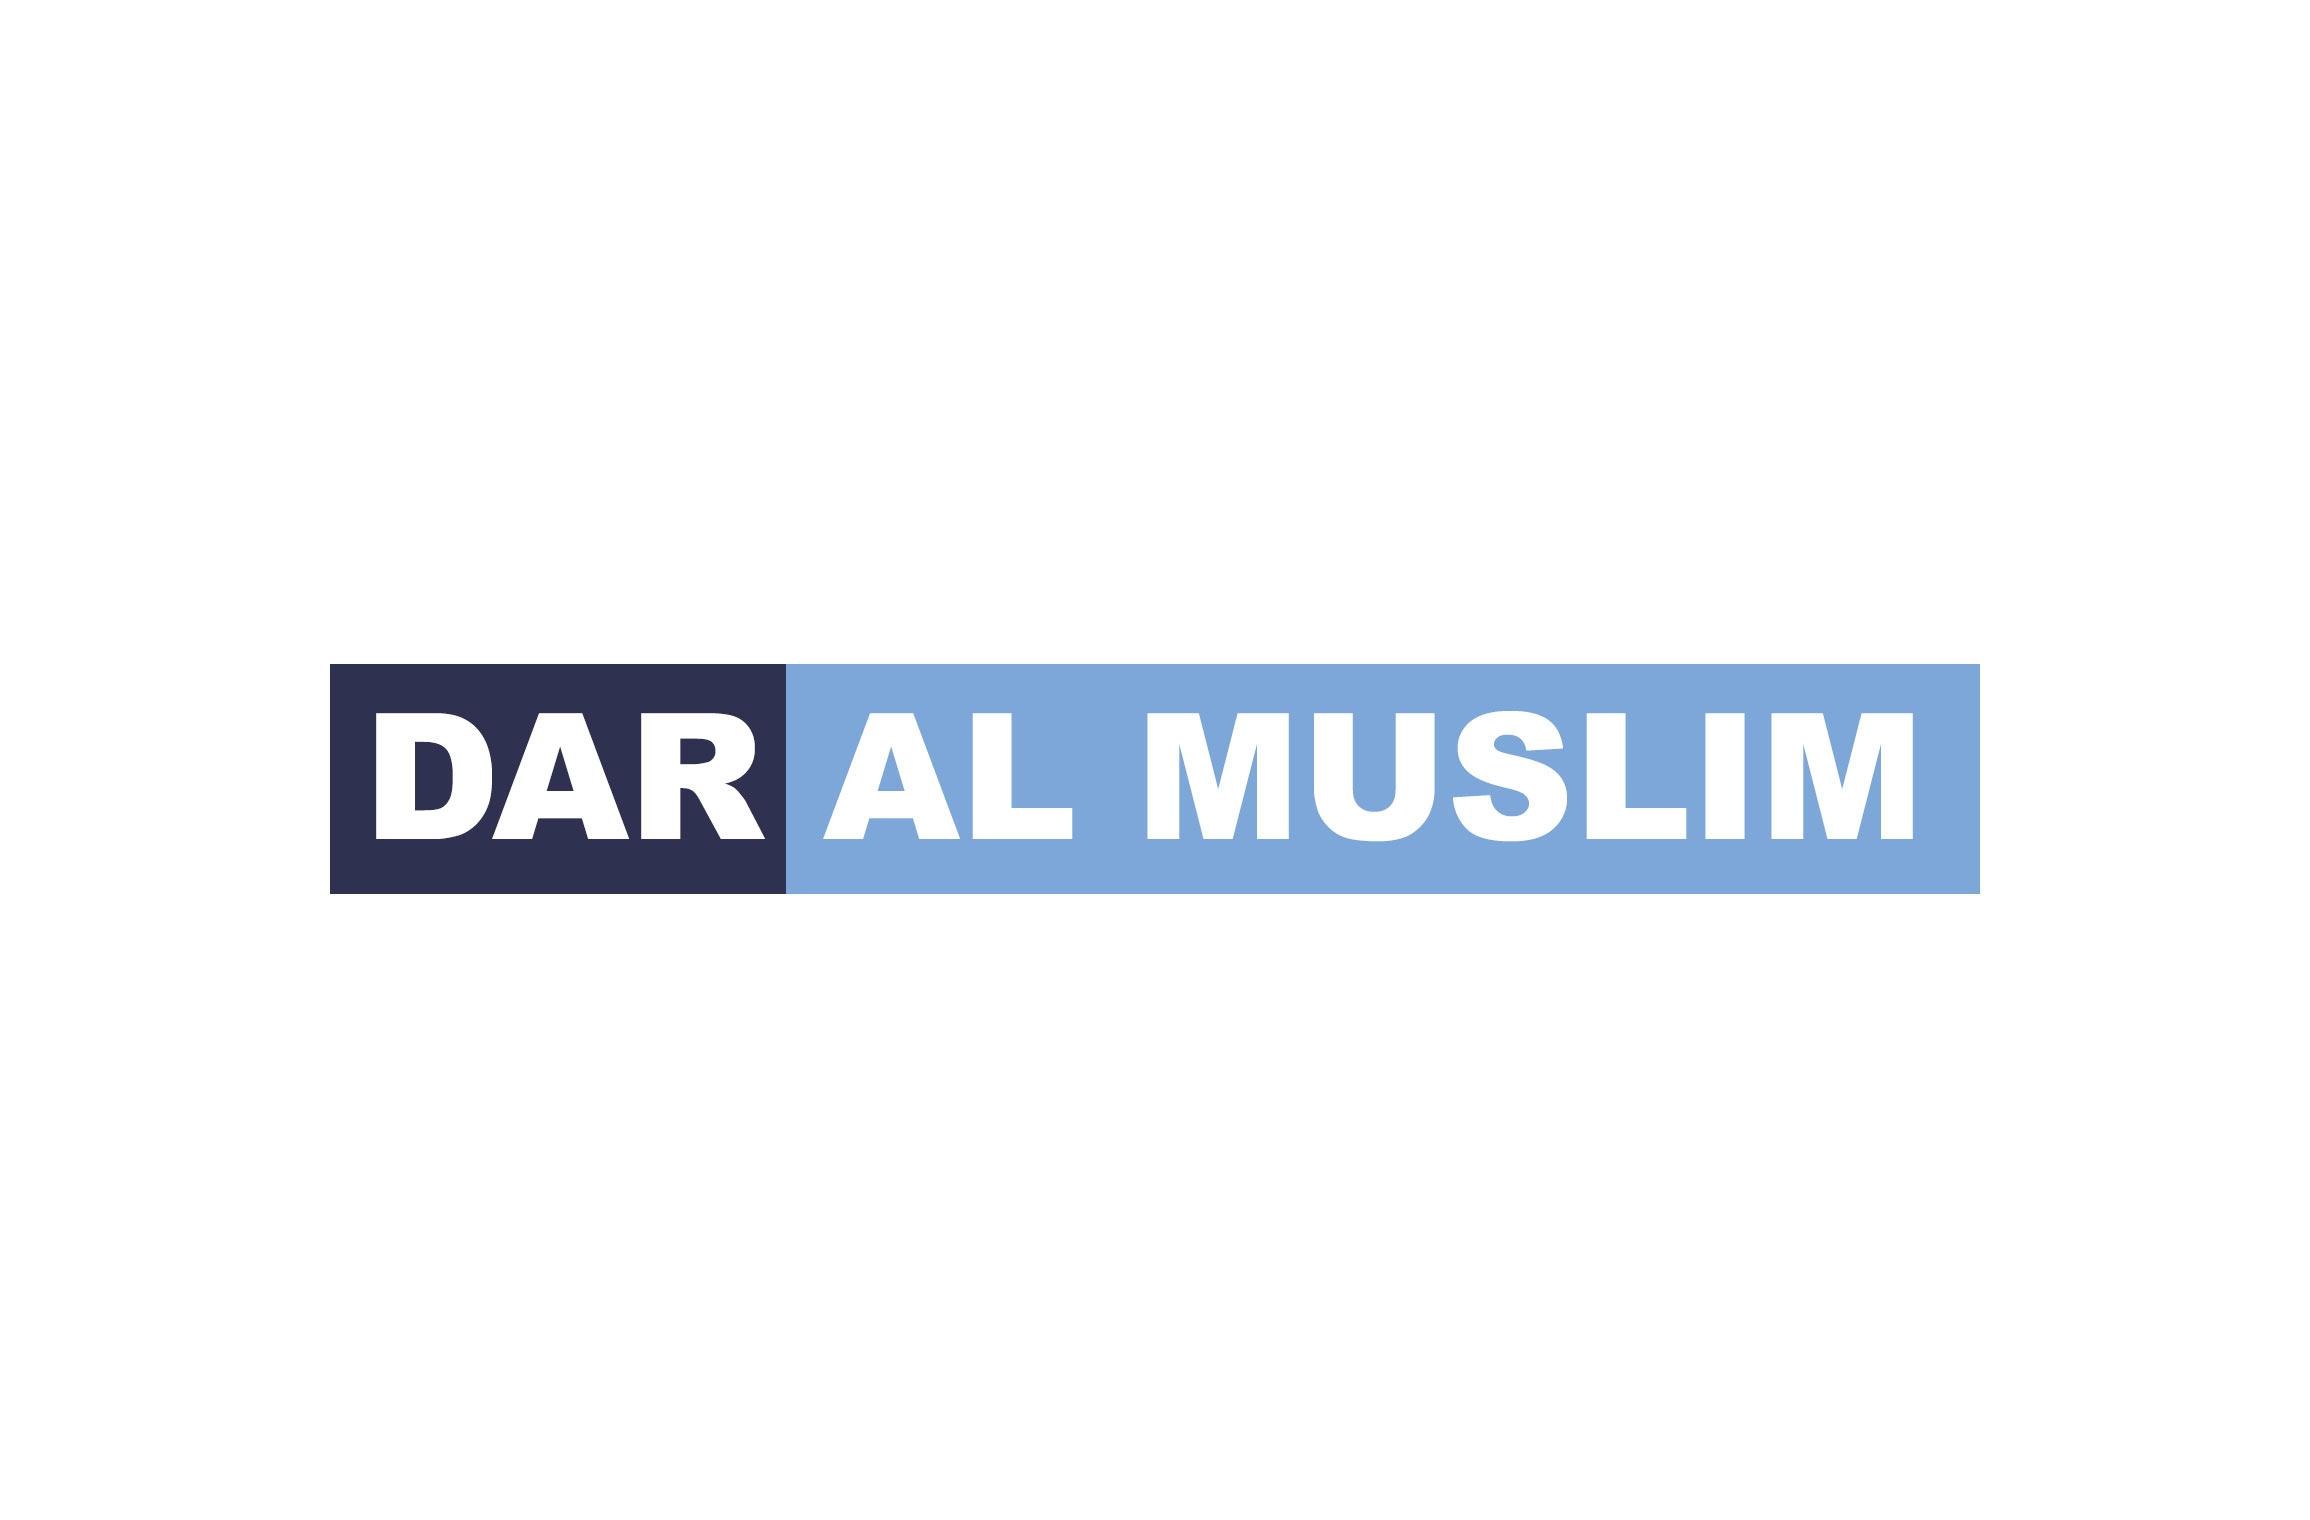 Dar Al Muslim